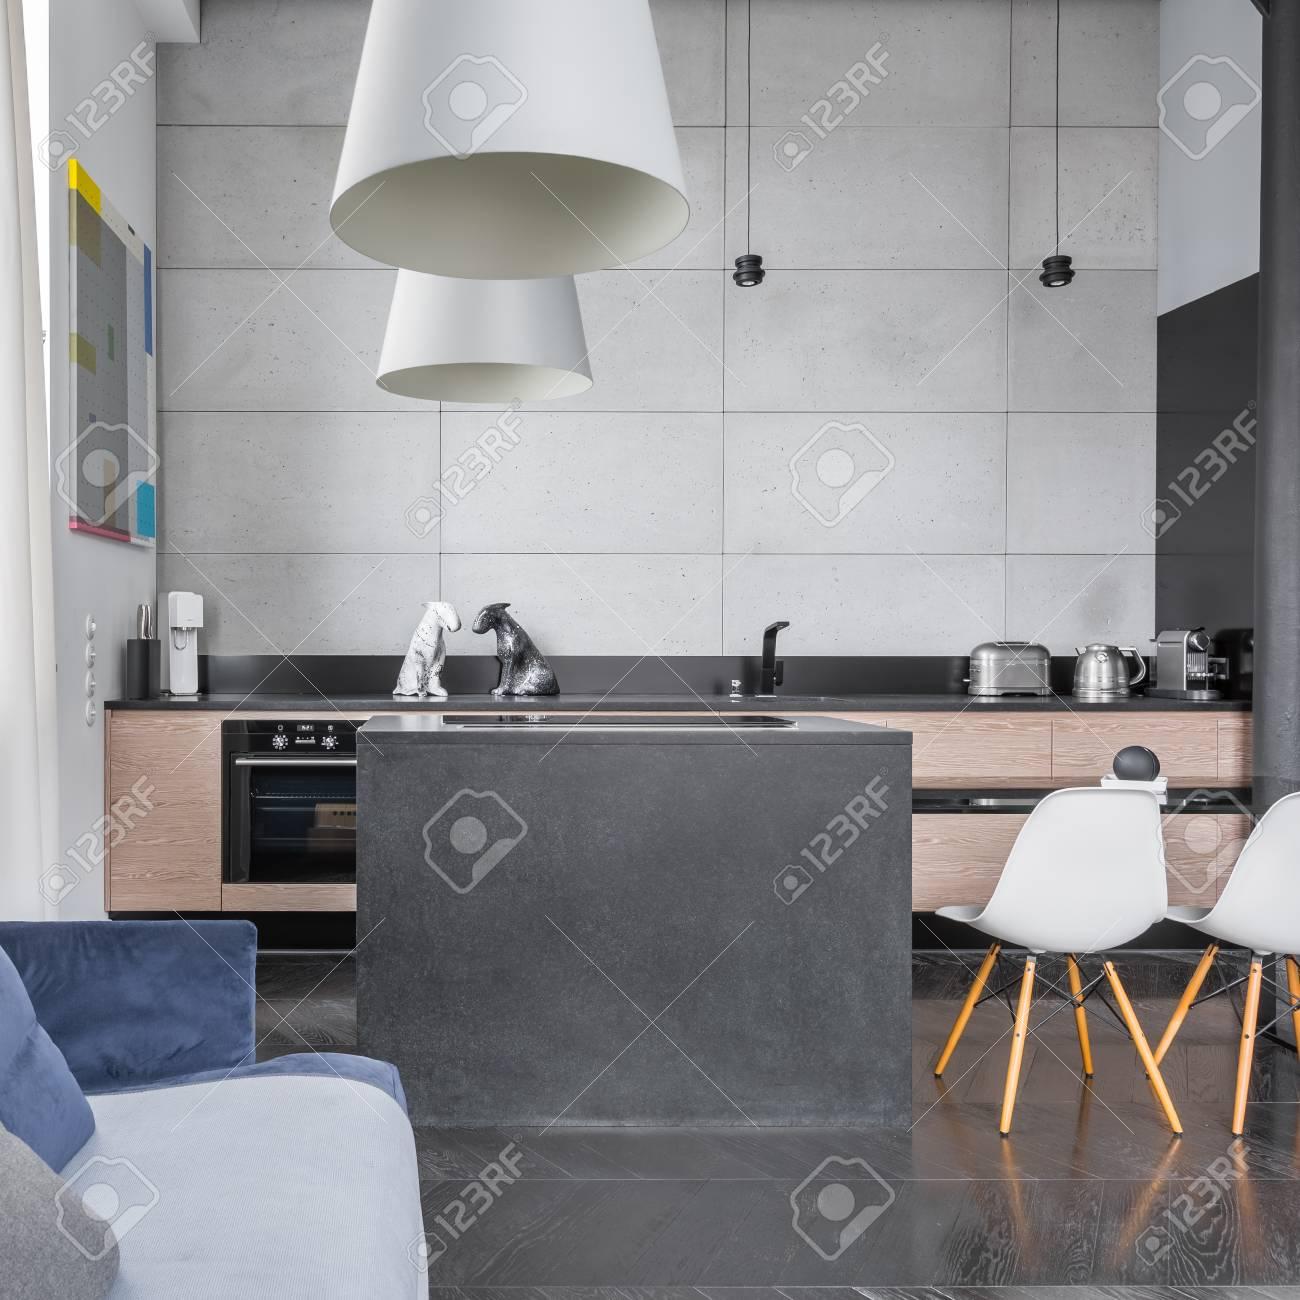 Cocina De Diseño Moderno Con Isla, Mesa Con Sillas Blancas Y ...